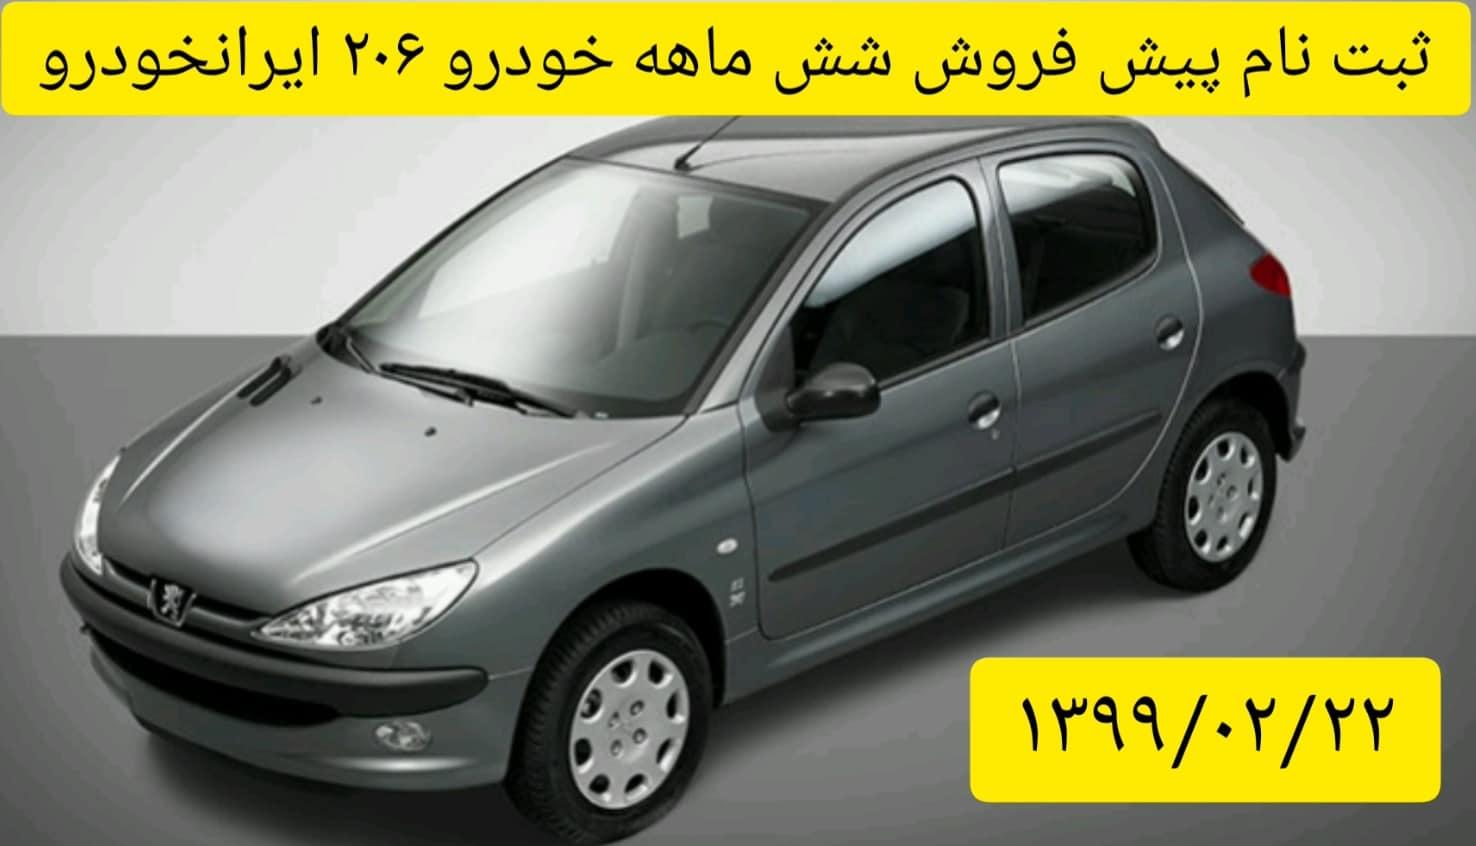 ثبت نام پیش فروش شش ماهه خودرو 206 ایرانخودرو